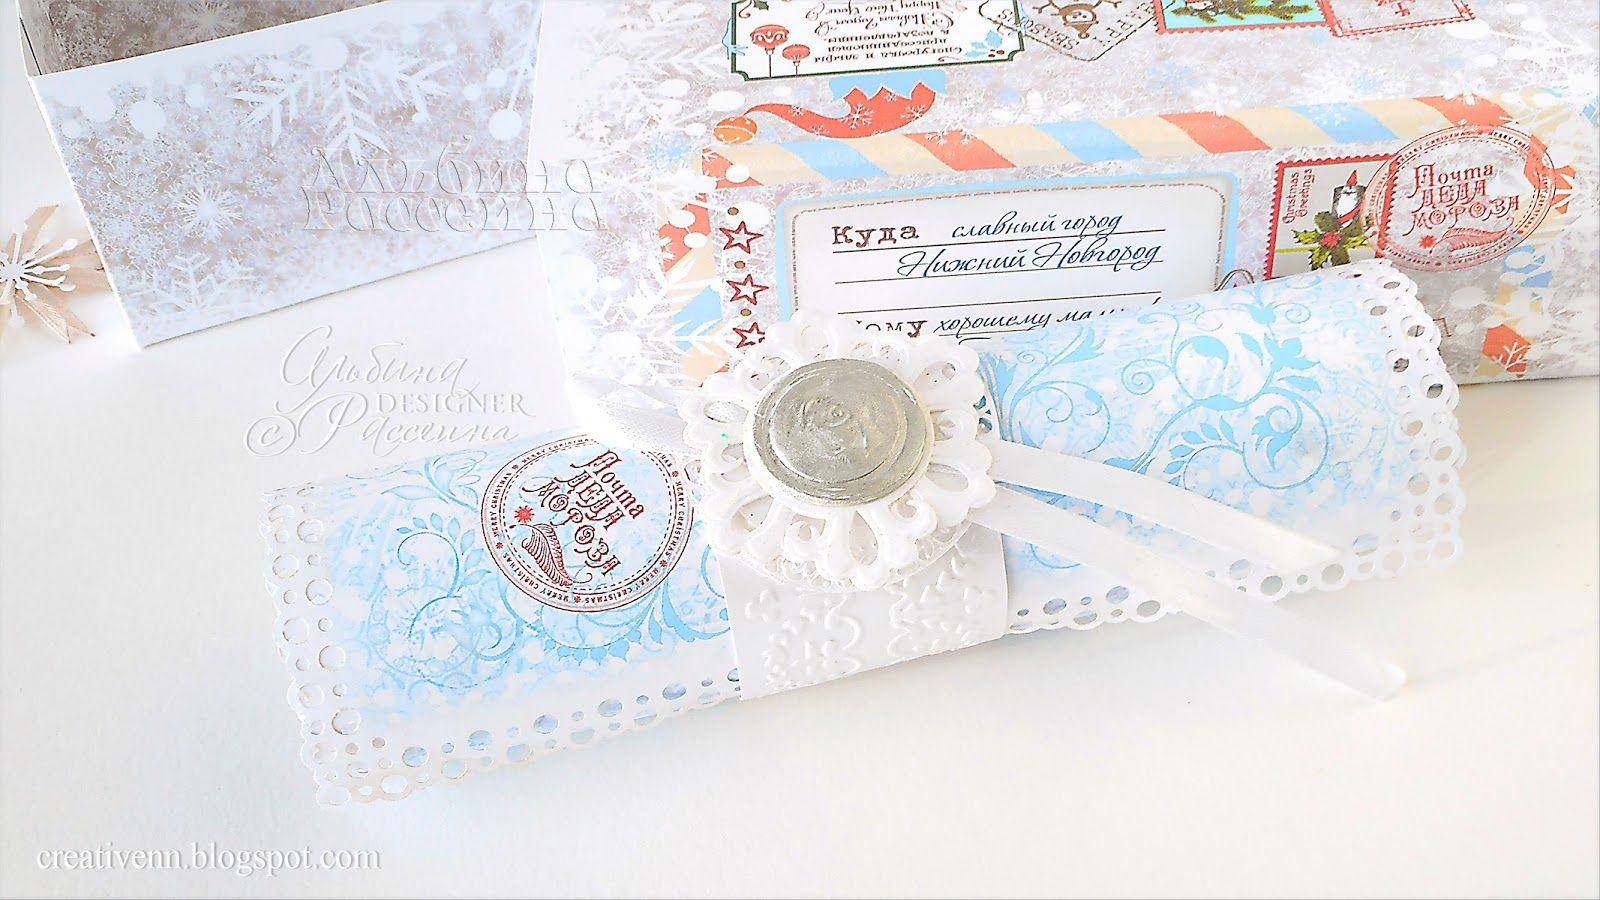 Новогодний подарок. Письмо от деда Мороза. Почта деда Мороза.: На крыльях вдохновения